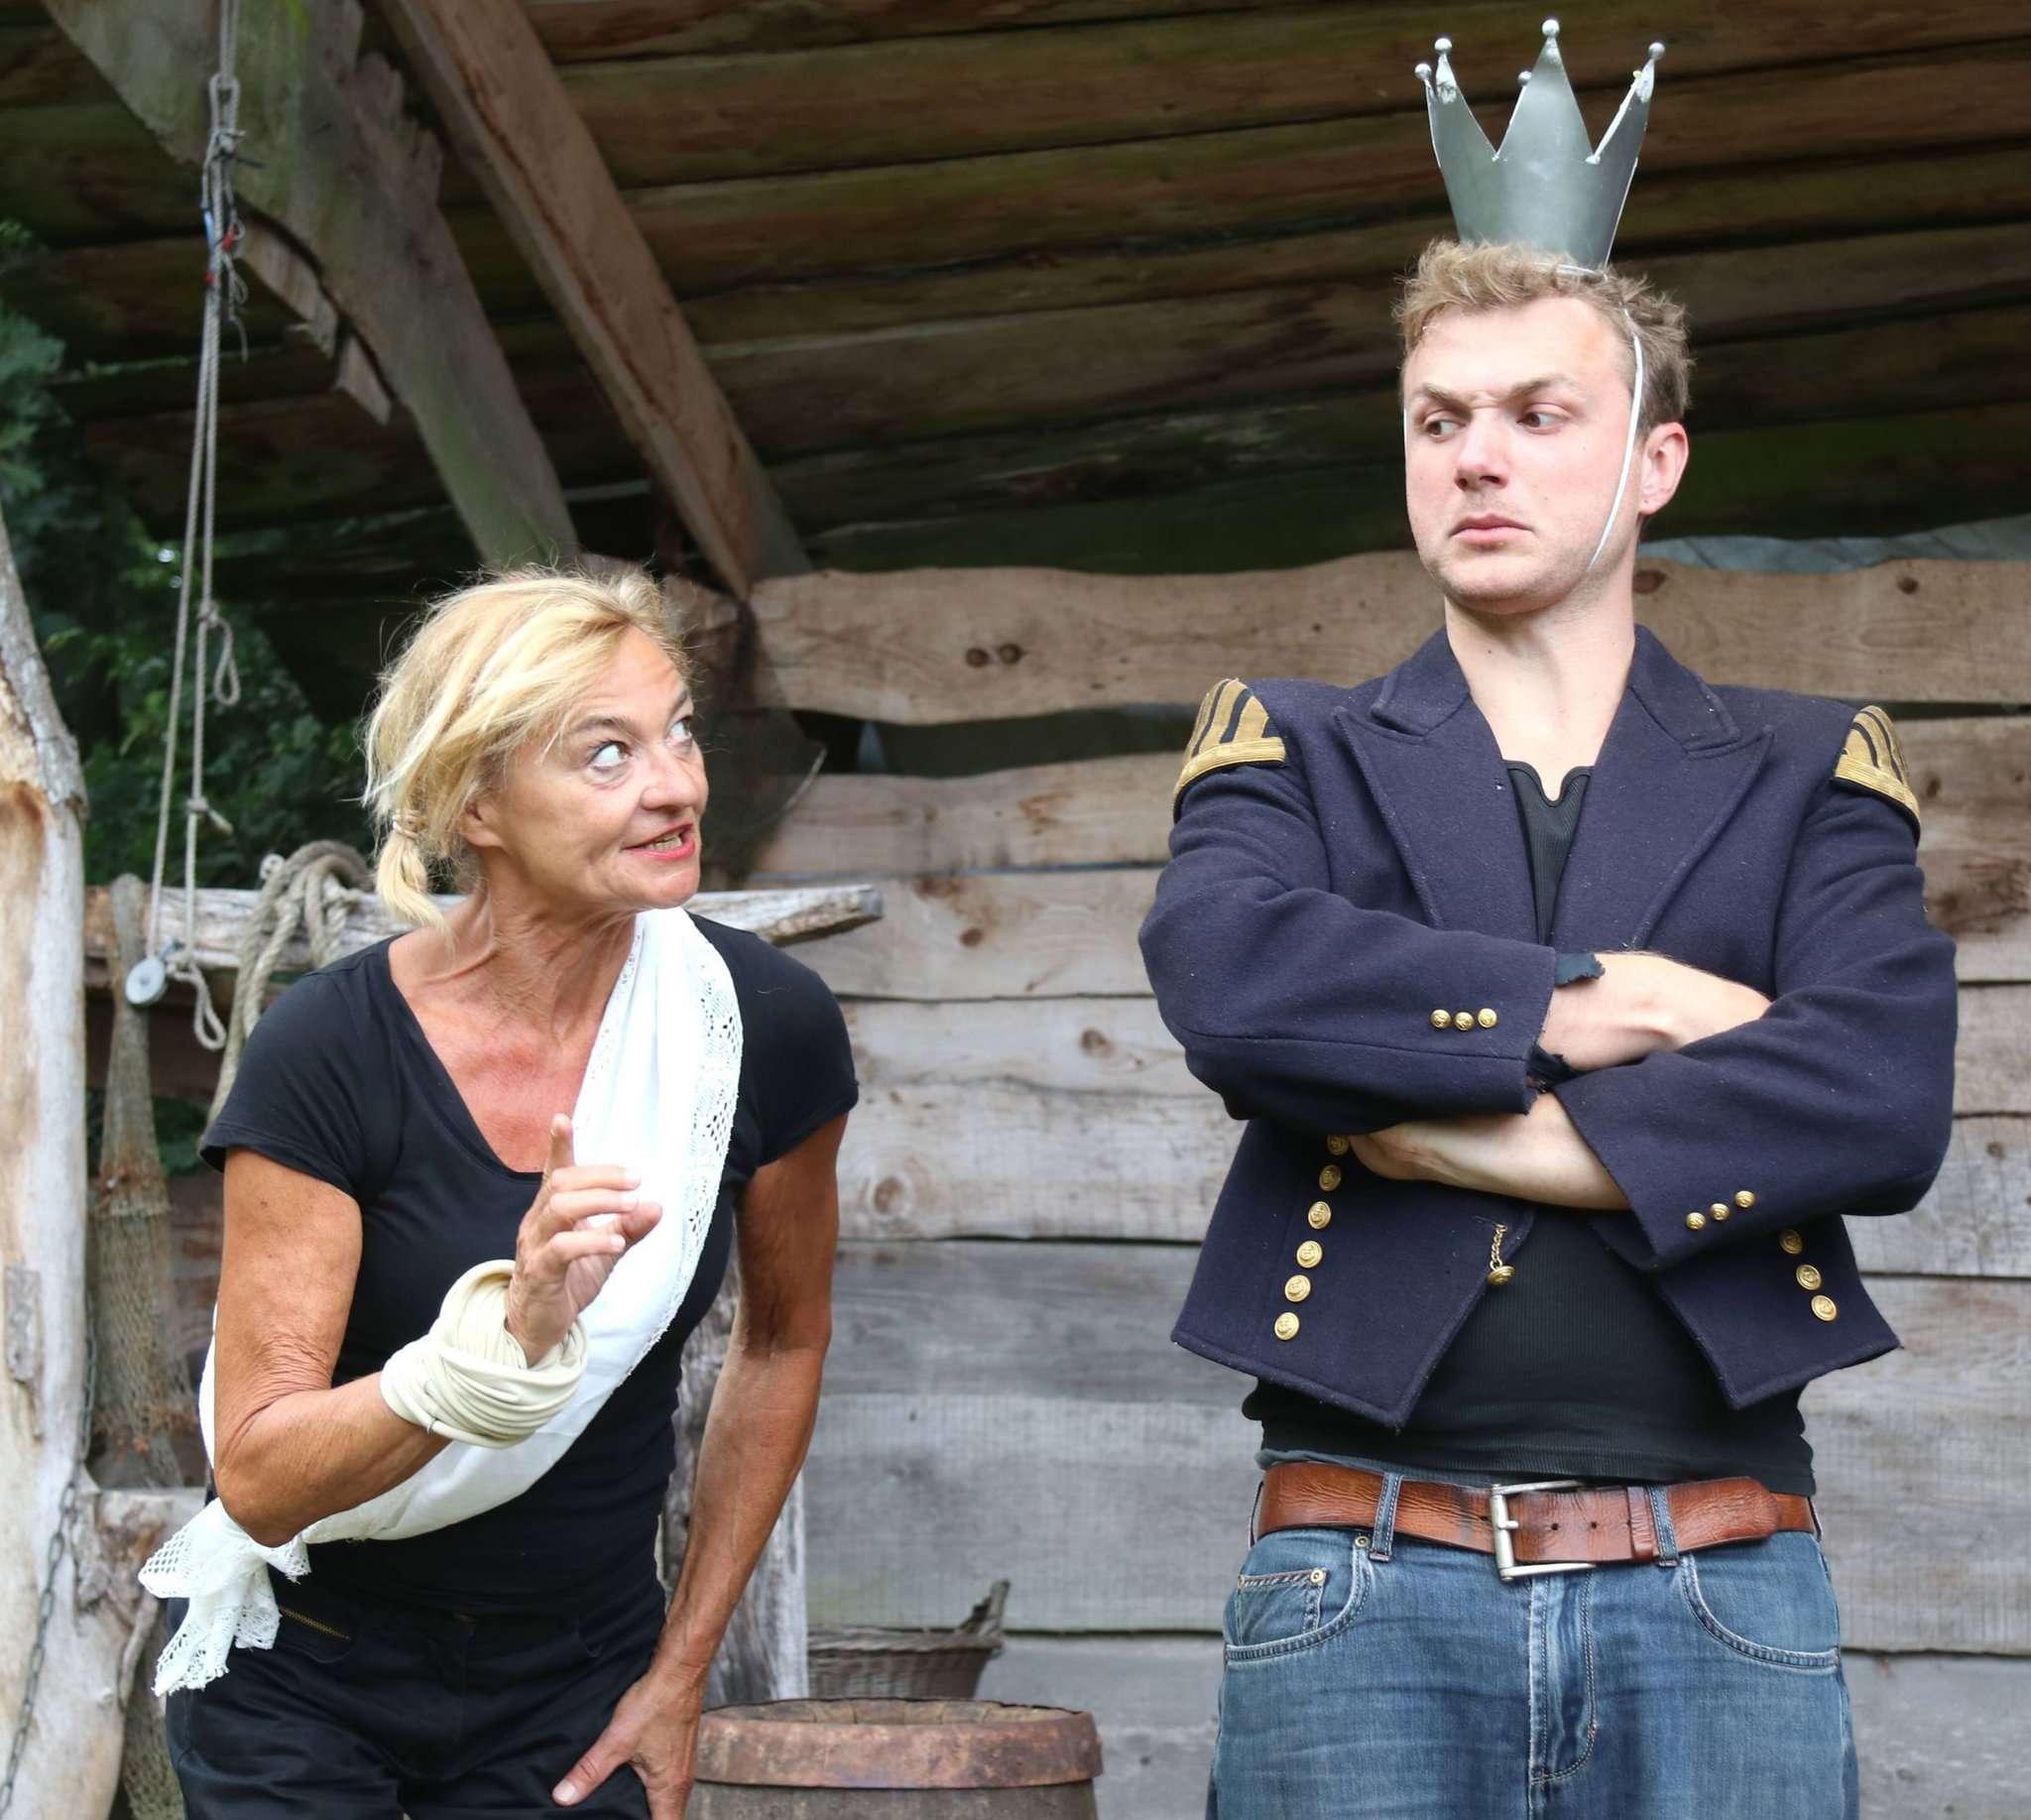 Der Minister (Karin Schroeder) hat eine Idee, wie sich ein Bauernknecht als Schwiegersohn vermeiden lässt u2013 und da ist der König (Moritz von Zeddelmann) ganz Ohr. Foto: Nina Baucke